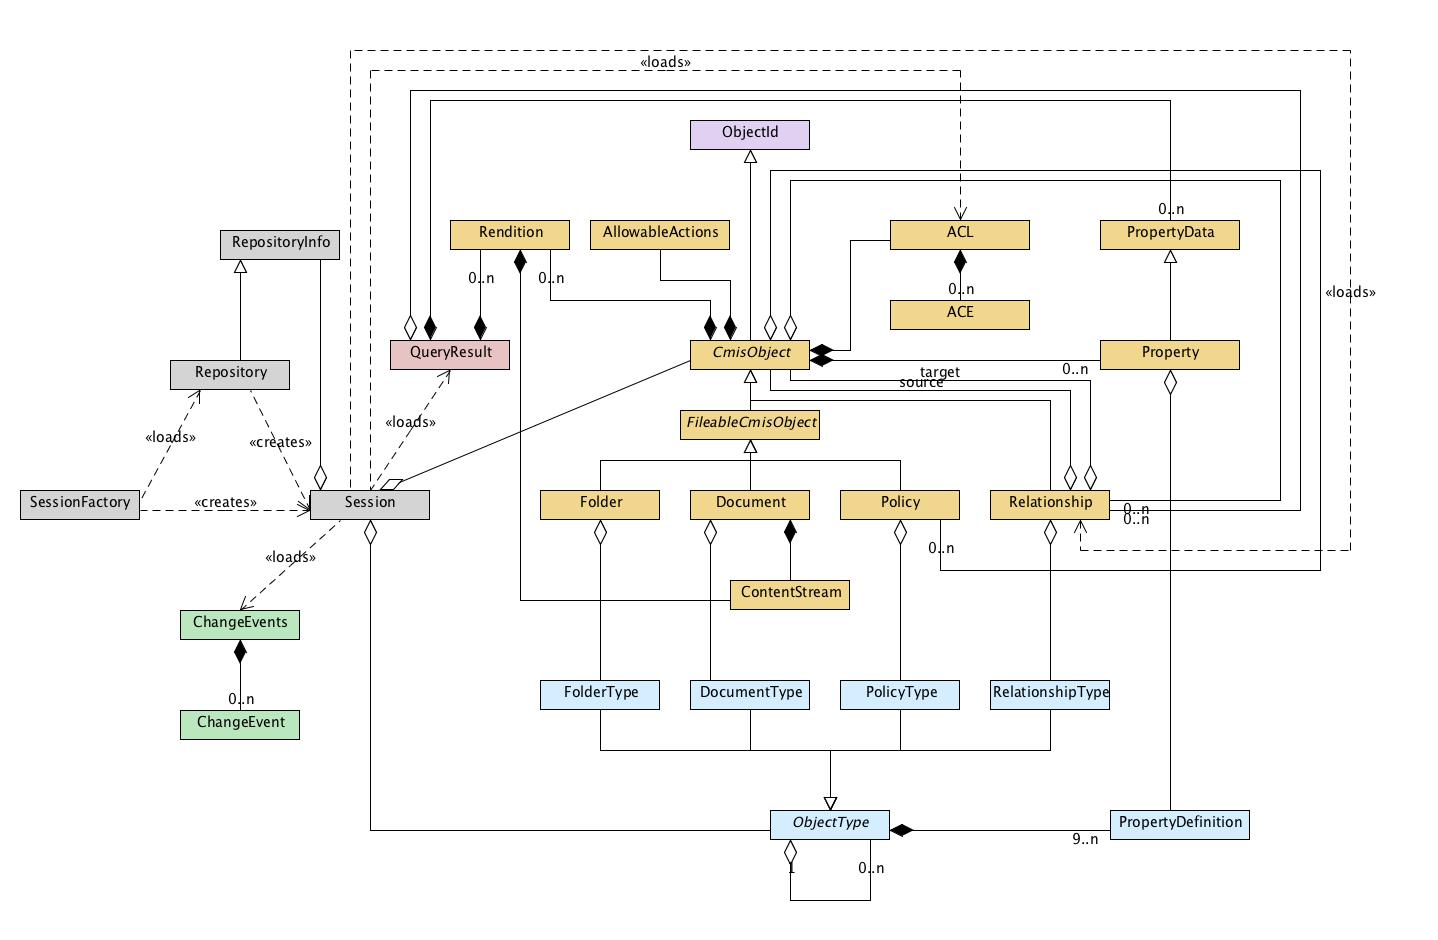 Apache chemistry opencmis client api opencmis client class diagram ccuart Images